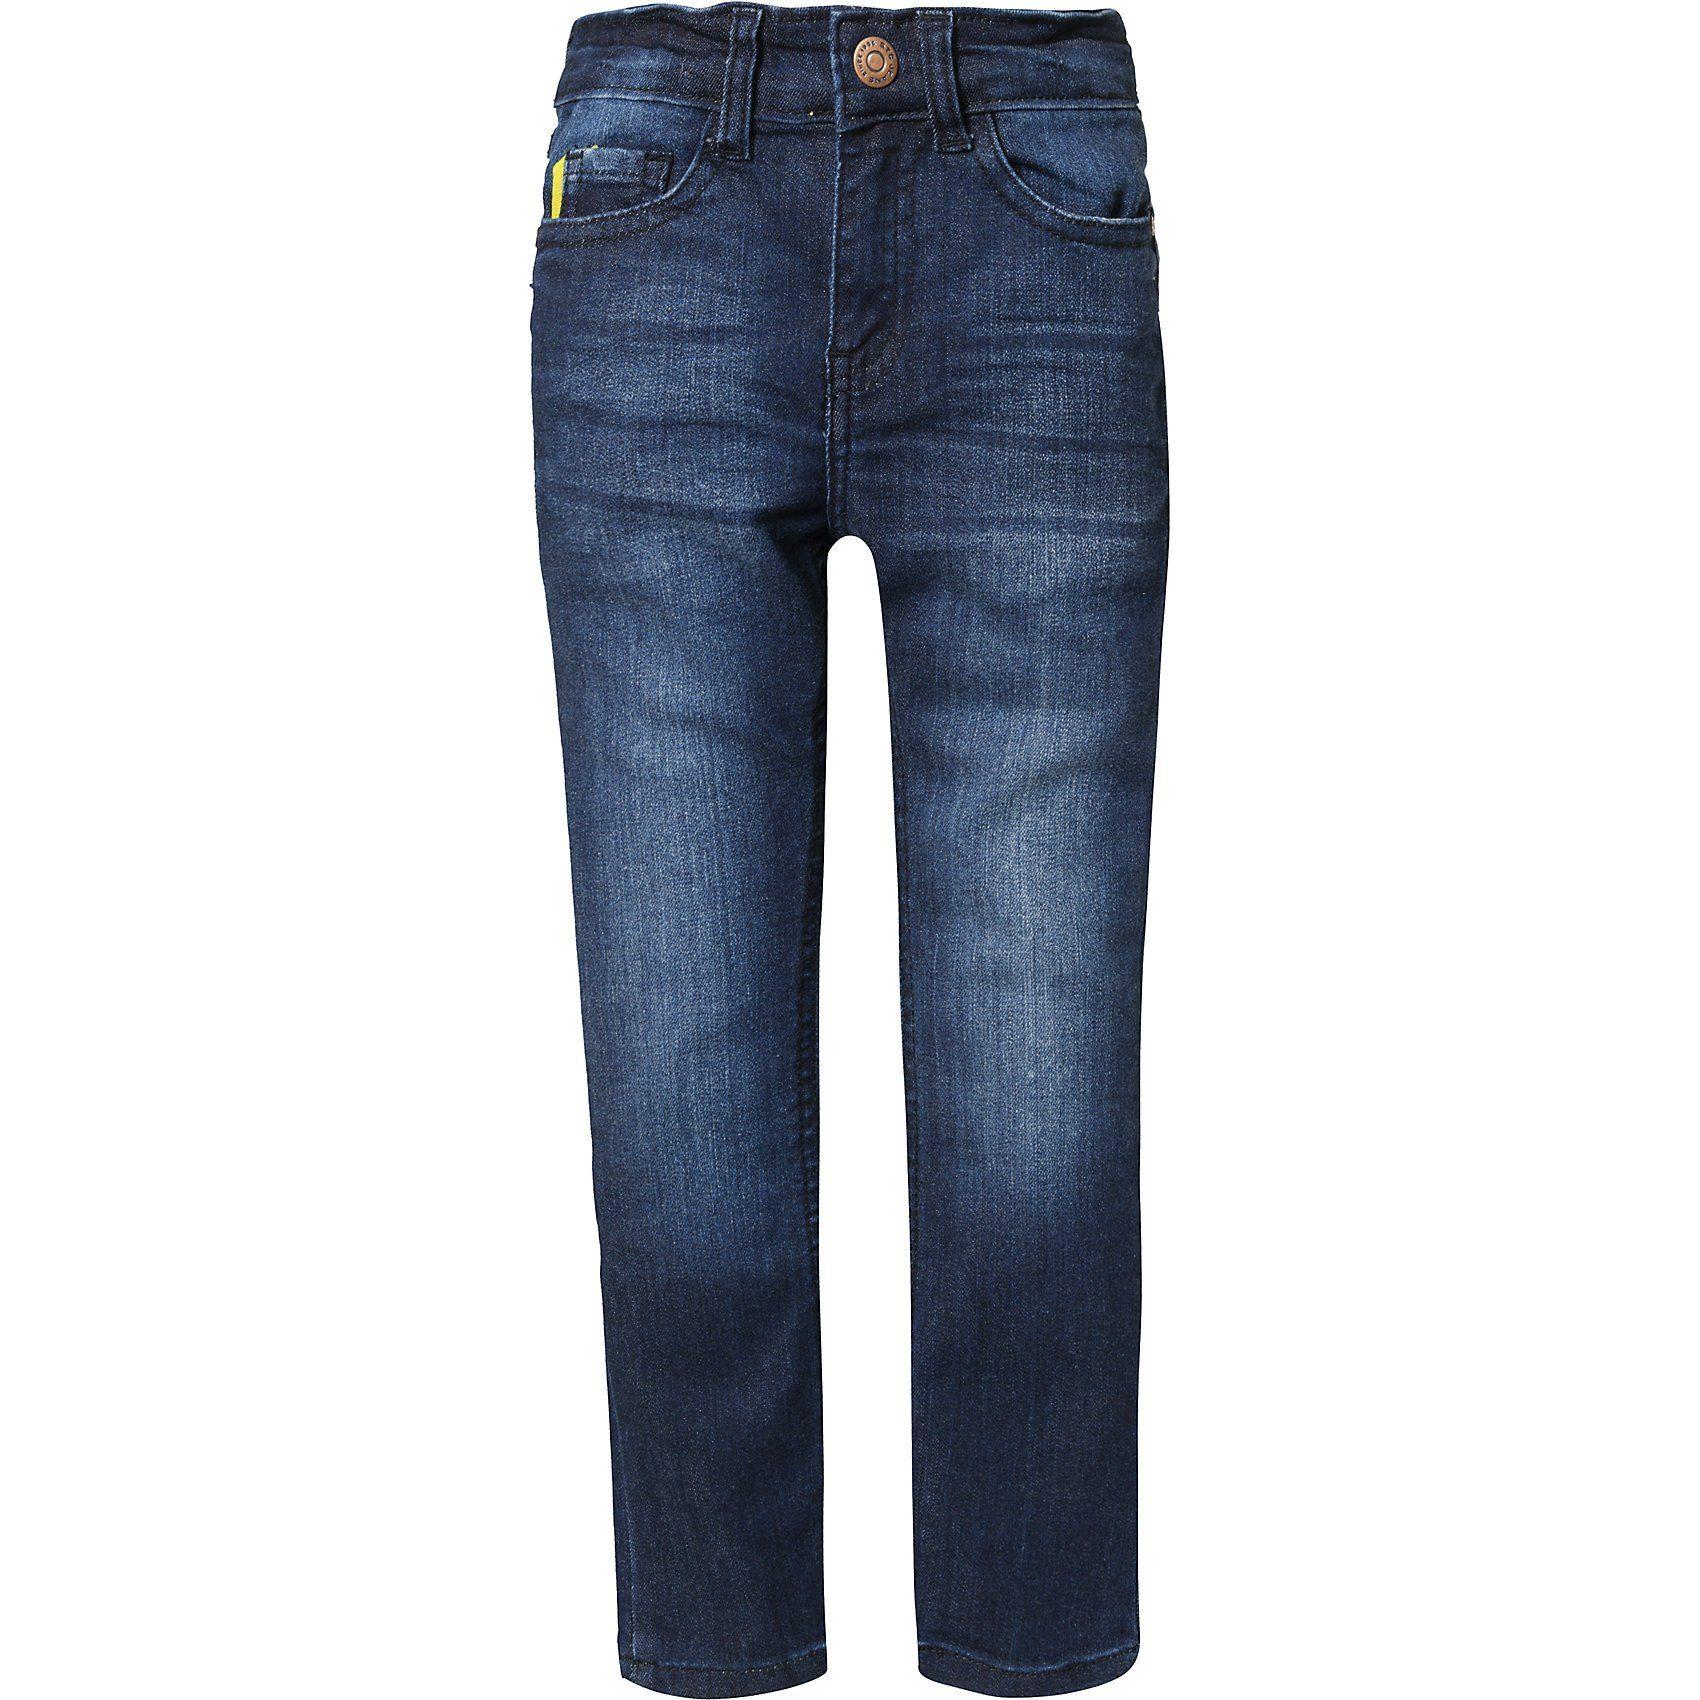 STACCATO Jeans Skinny Fit für Jungen, Bundweite SLIM online kaufen   OTTO